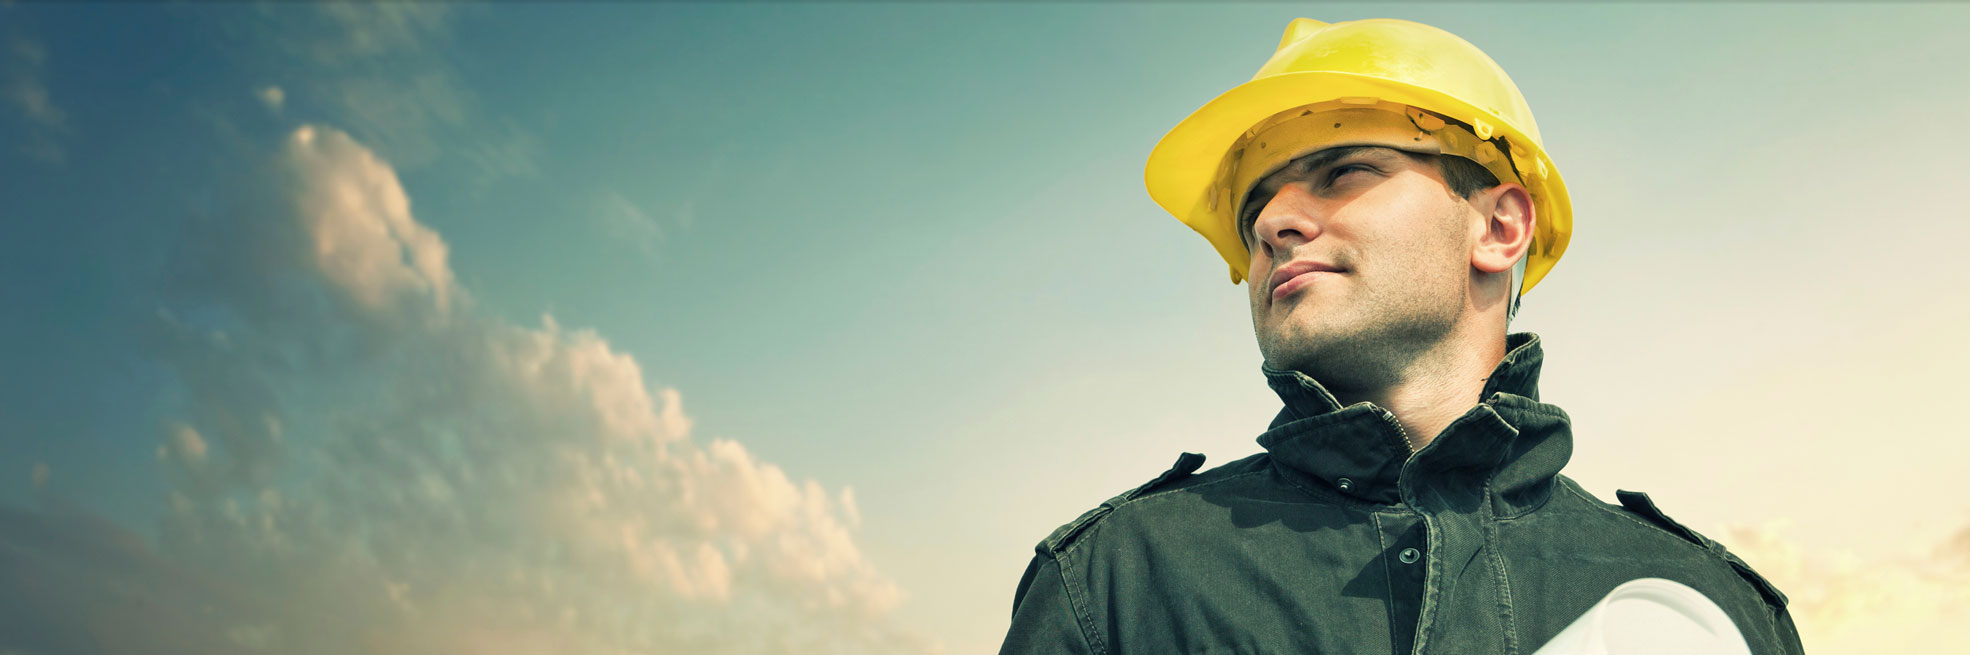 Bausanierung vom Fundament bis zum First - Bauschutz Armin Steinmetz